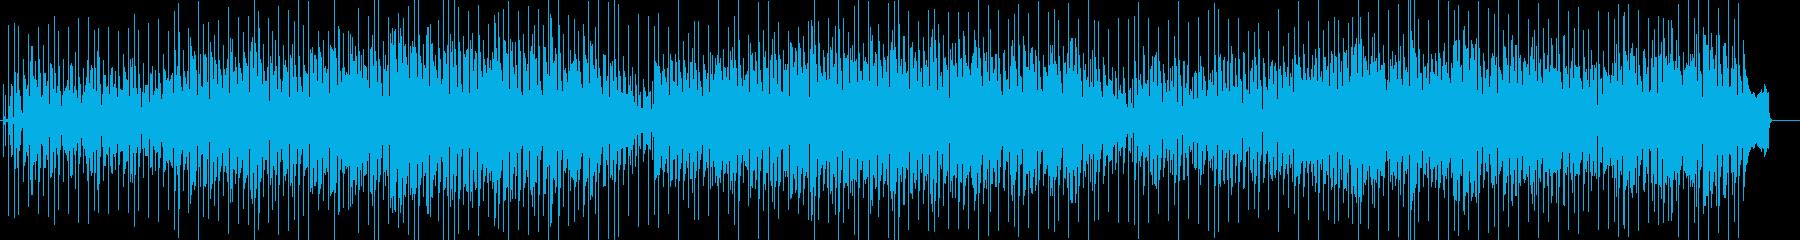 軽快で爽やかな夏のC調でPOPなファンクの再生済みの波形